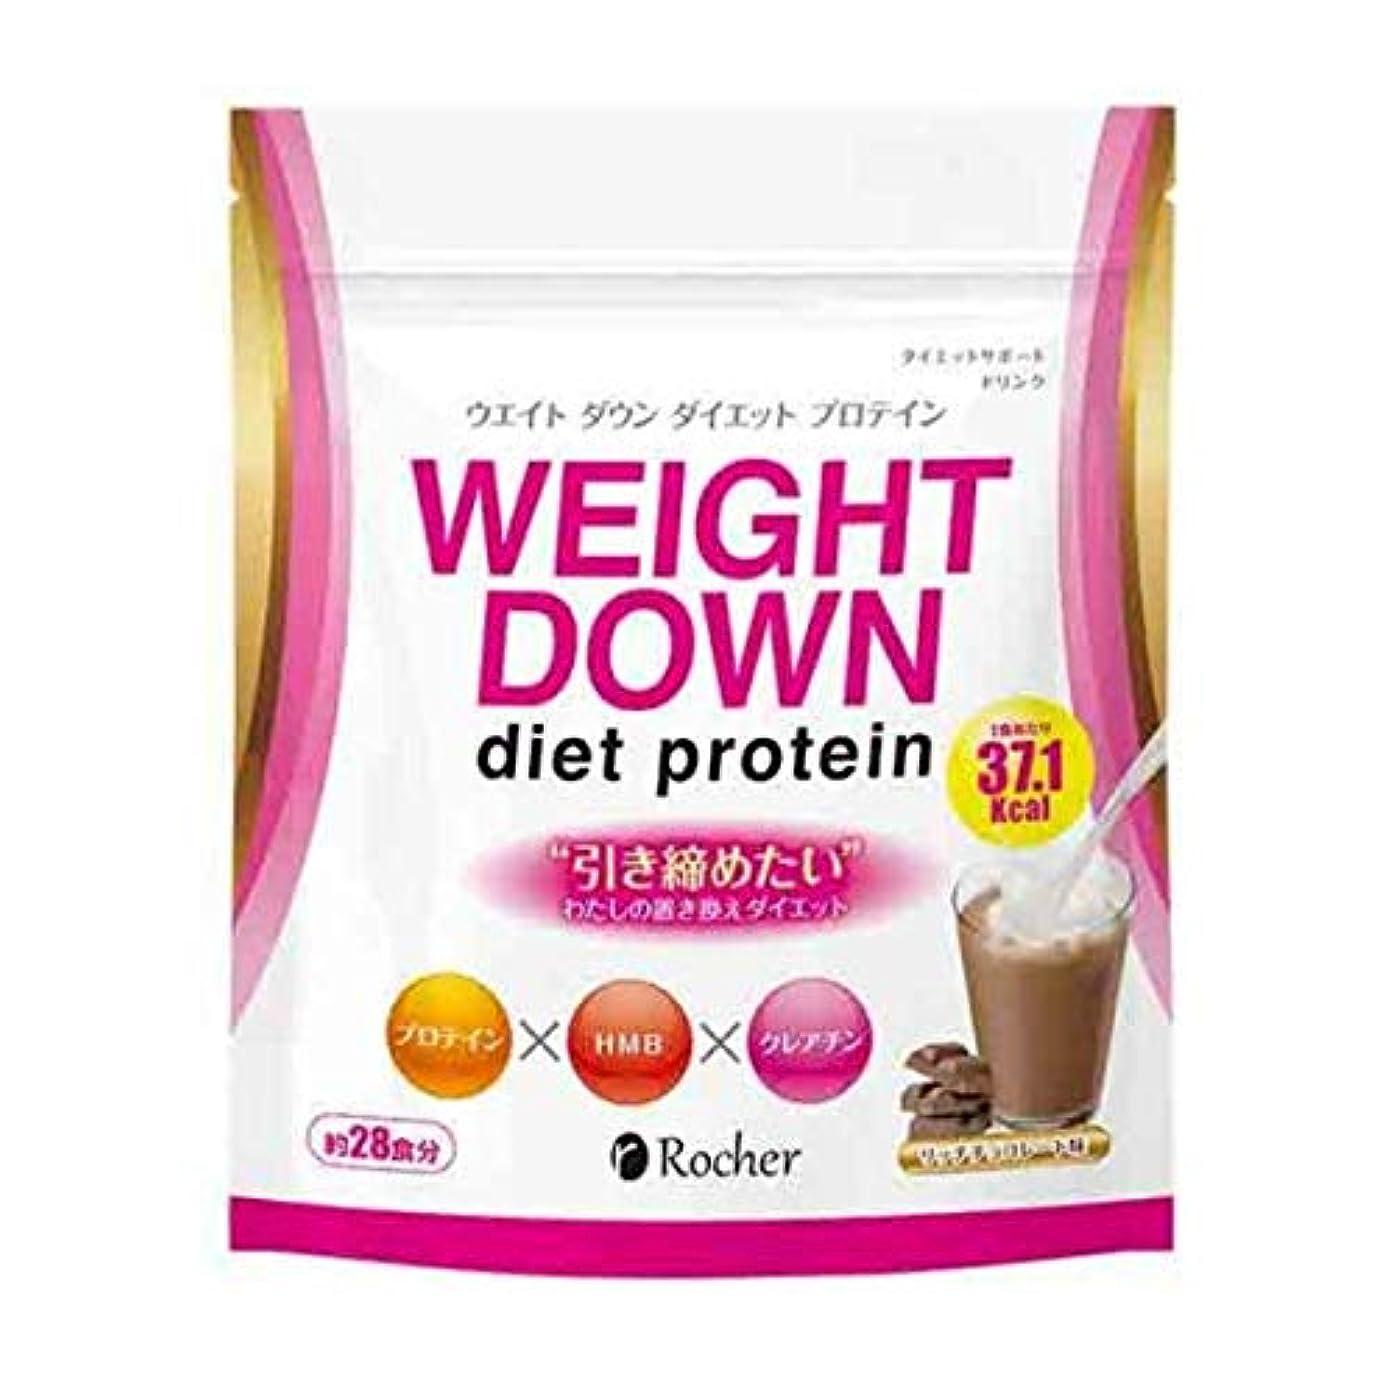 ソブリケット気晴らし別のウェイトダウン ダイエットプロテイン 置き換えダイエット!栄養バランを考えて作られたダイエットプロテイン